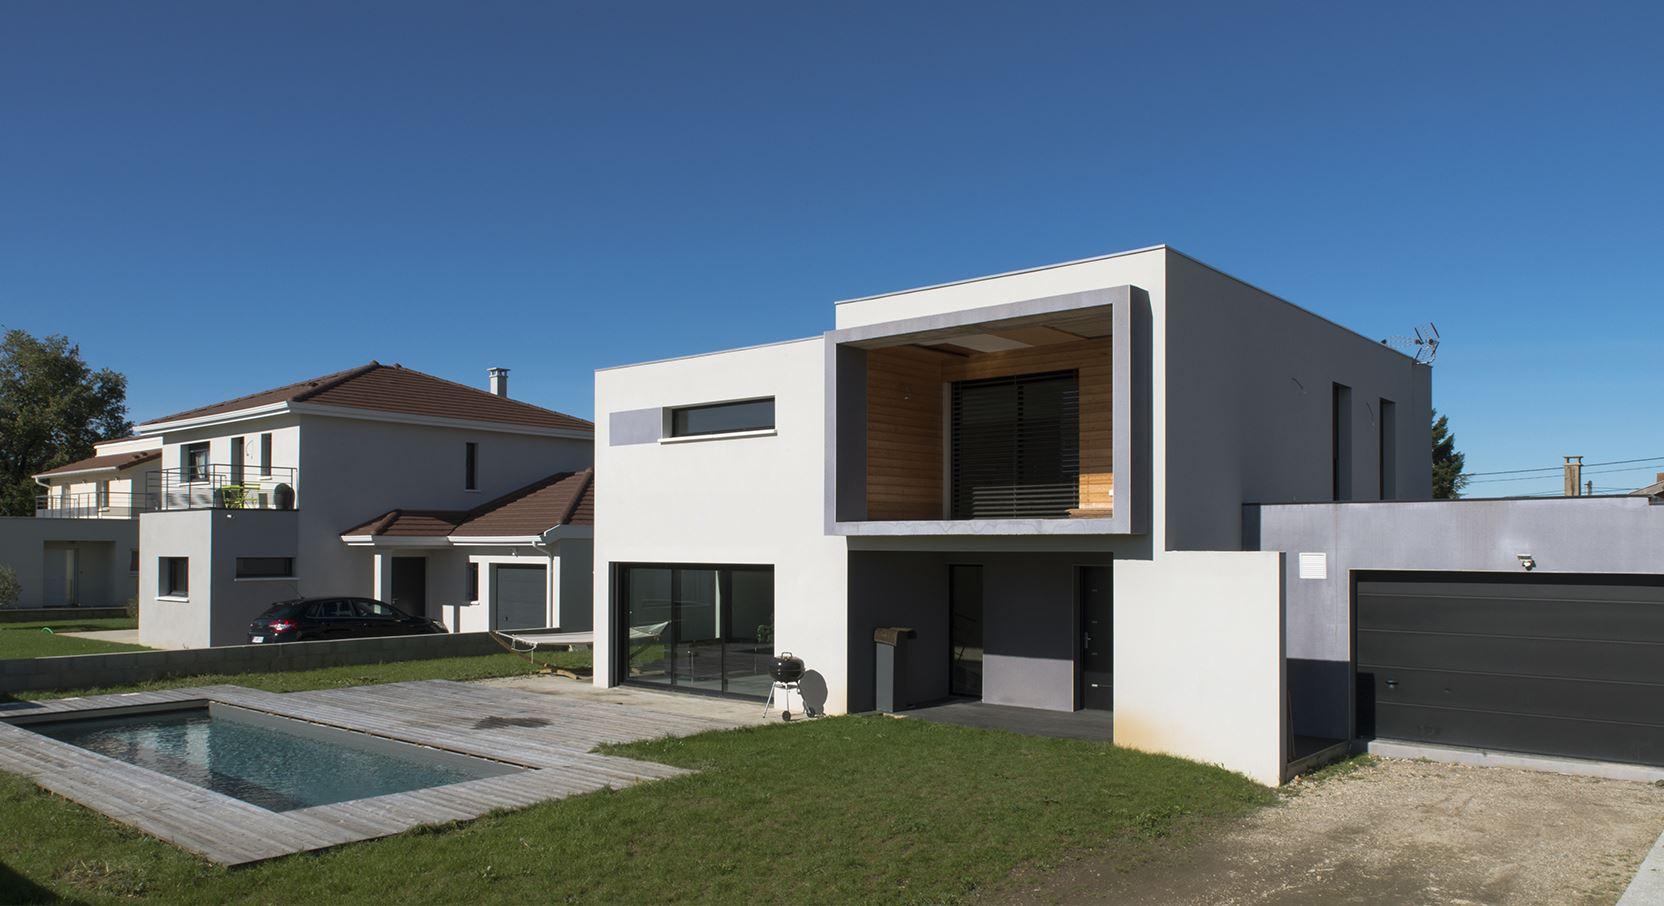 Maison contemporaine architecte maison fran ois fabie for Nom d architecte